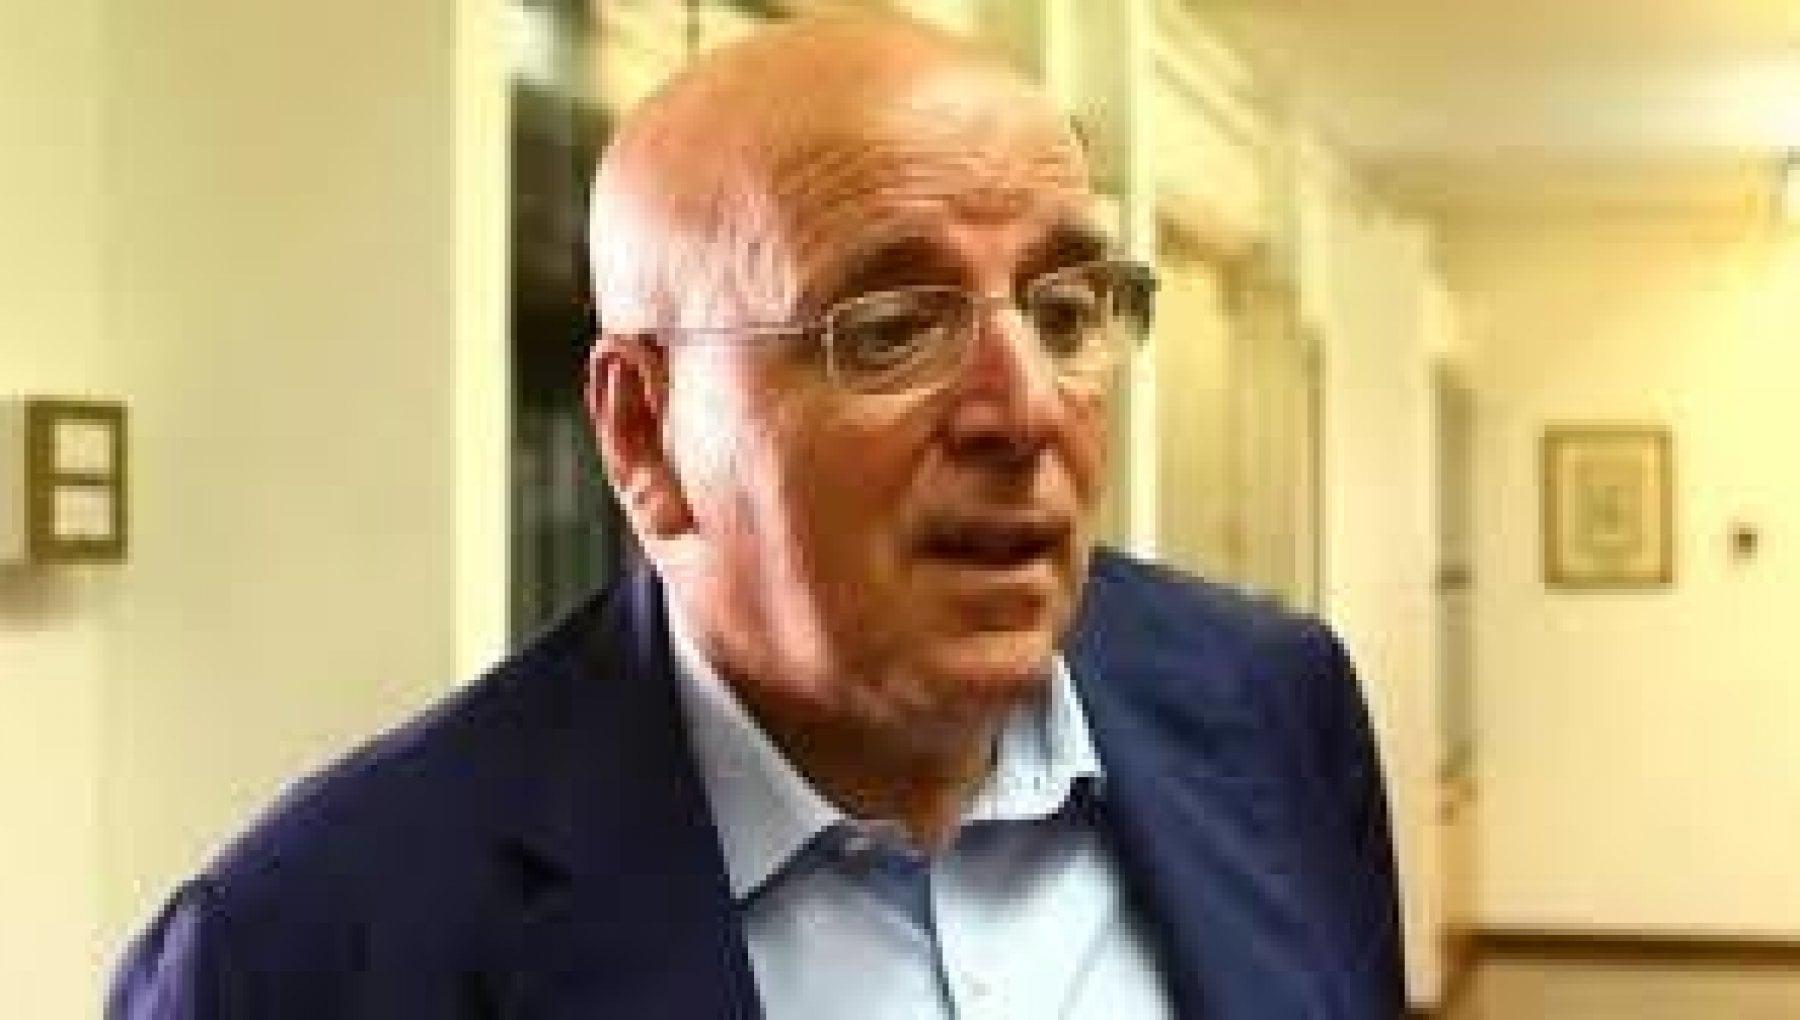 132517191 13c2113a 7c80 47de 8406 890b87d226f2 - Calabria, assolto dalle accuse di corruzione e abuso l'ex governatore Mario Oliverio